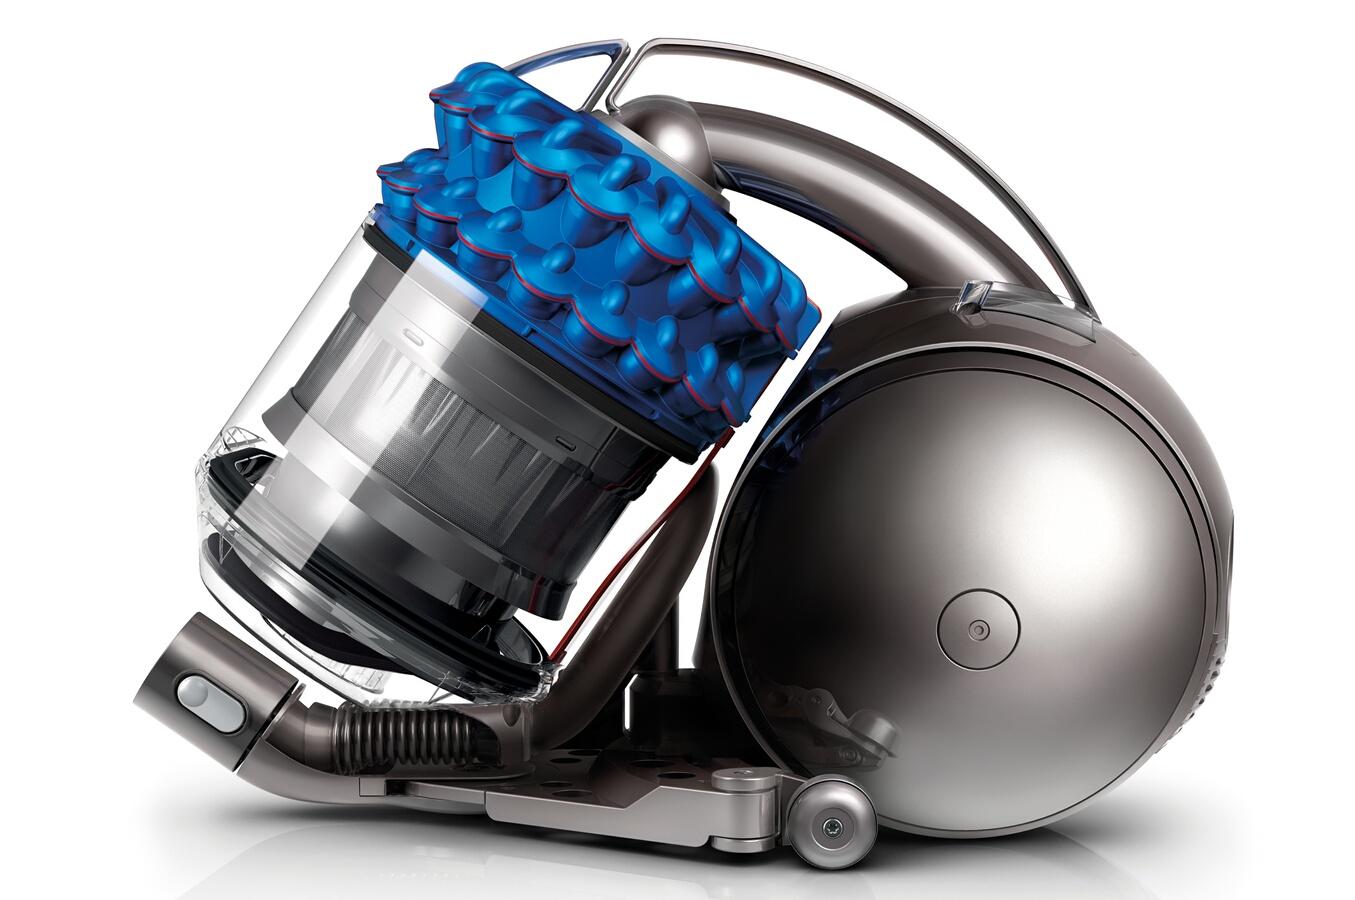 aspirateur sans sac dyson dc52 total parquet 4031300 darty. Black Bedroom Furniture Sets. Home Design Ideas